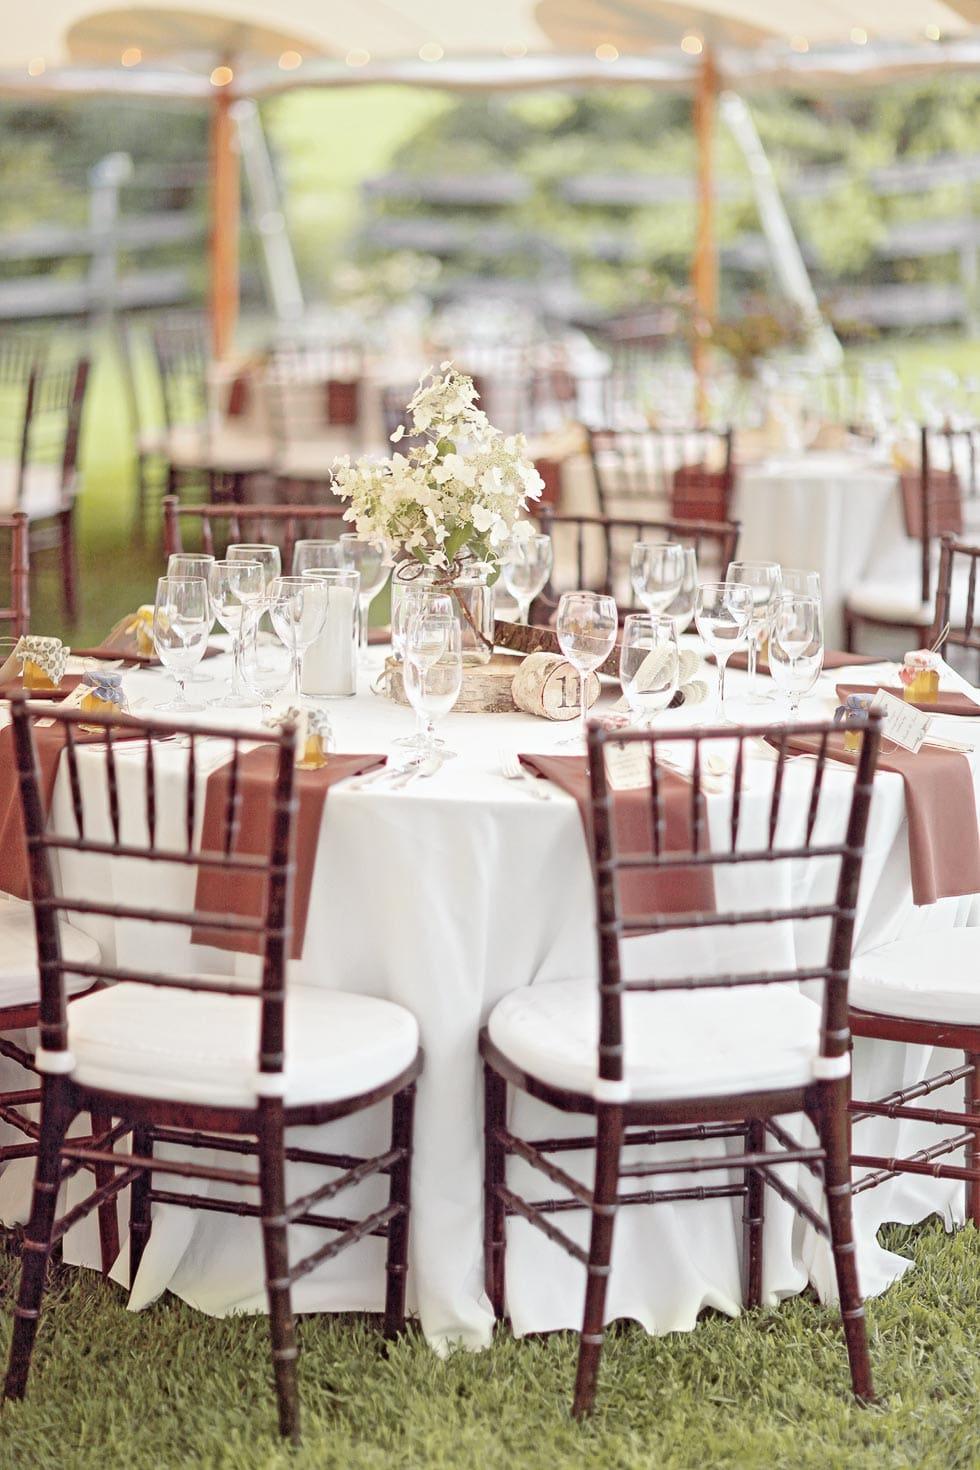 Tischdekoration Weiß und Braun